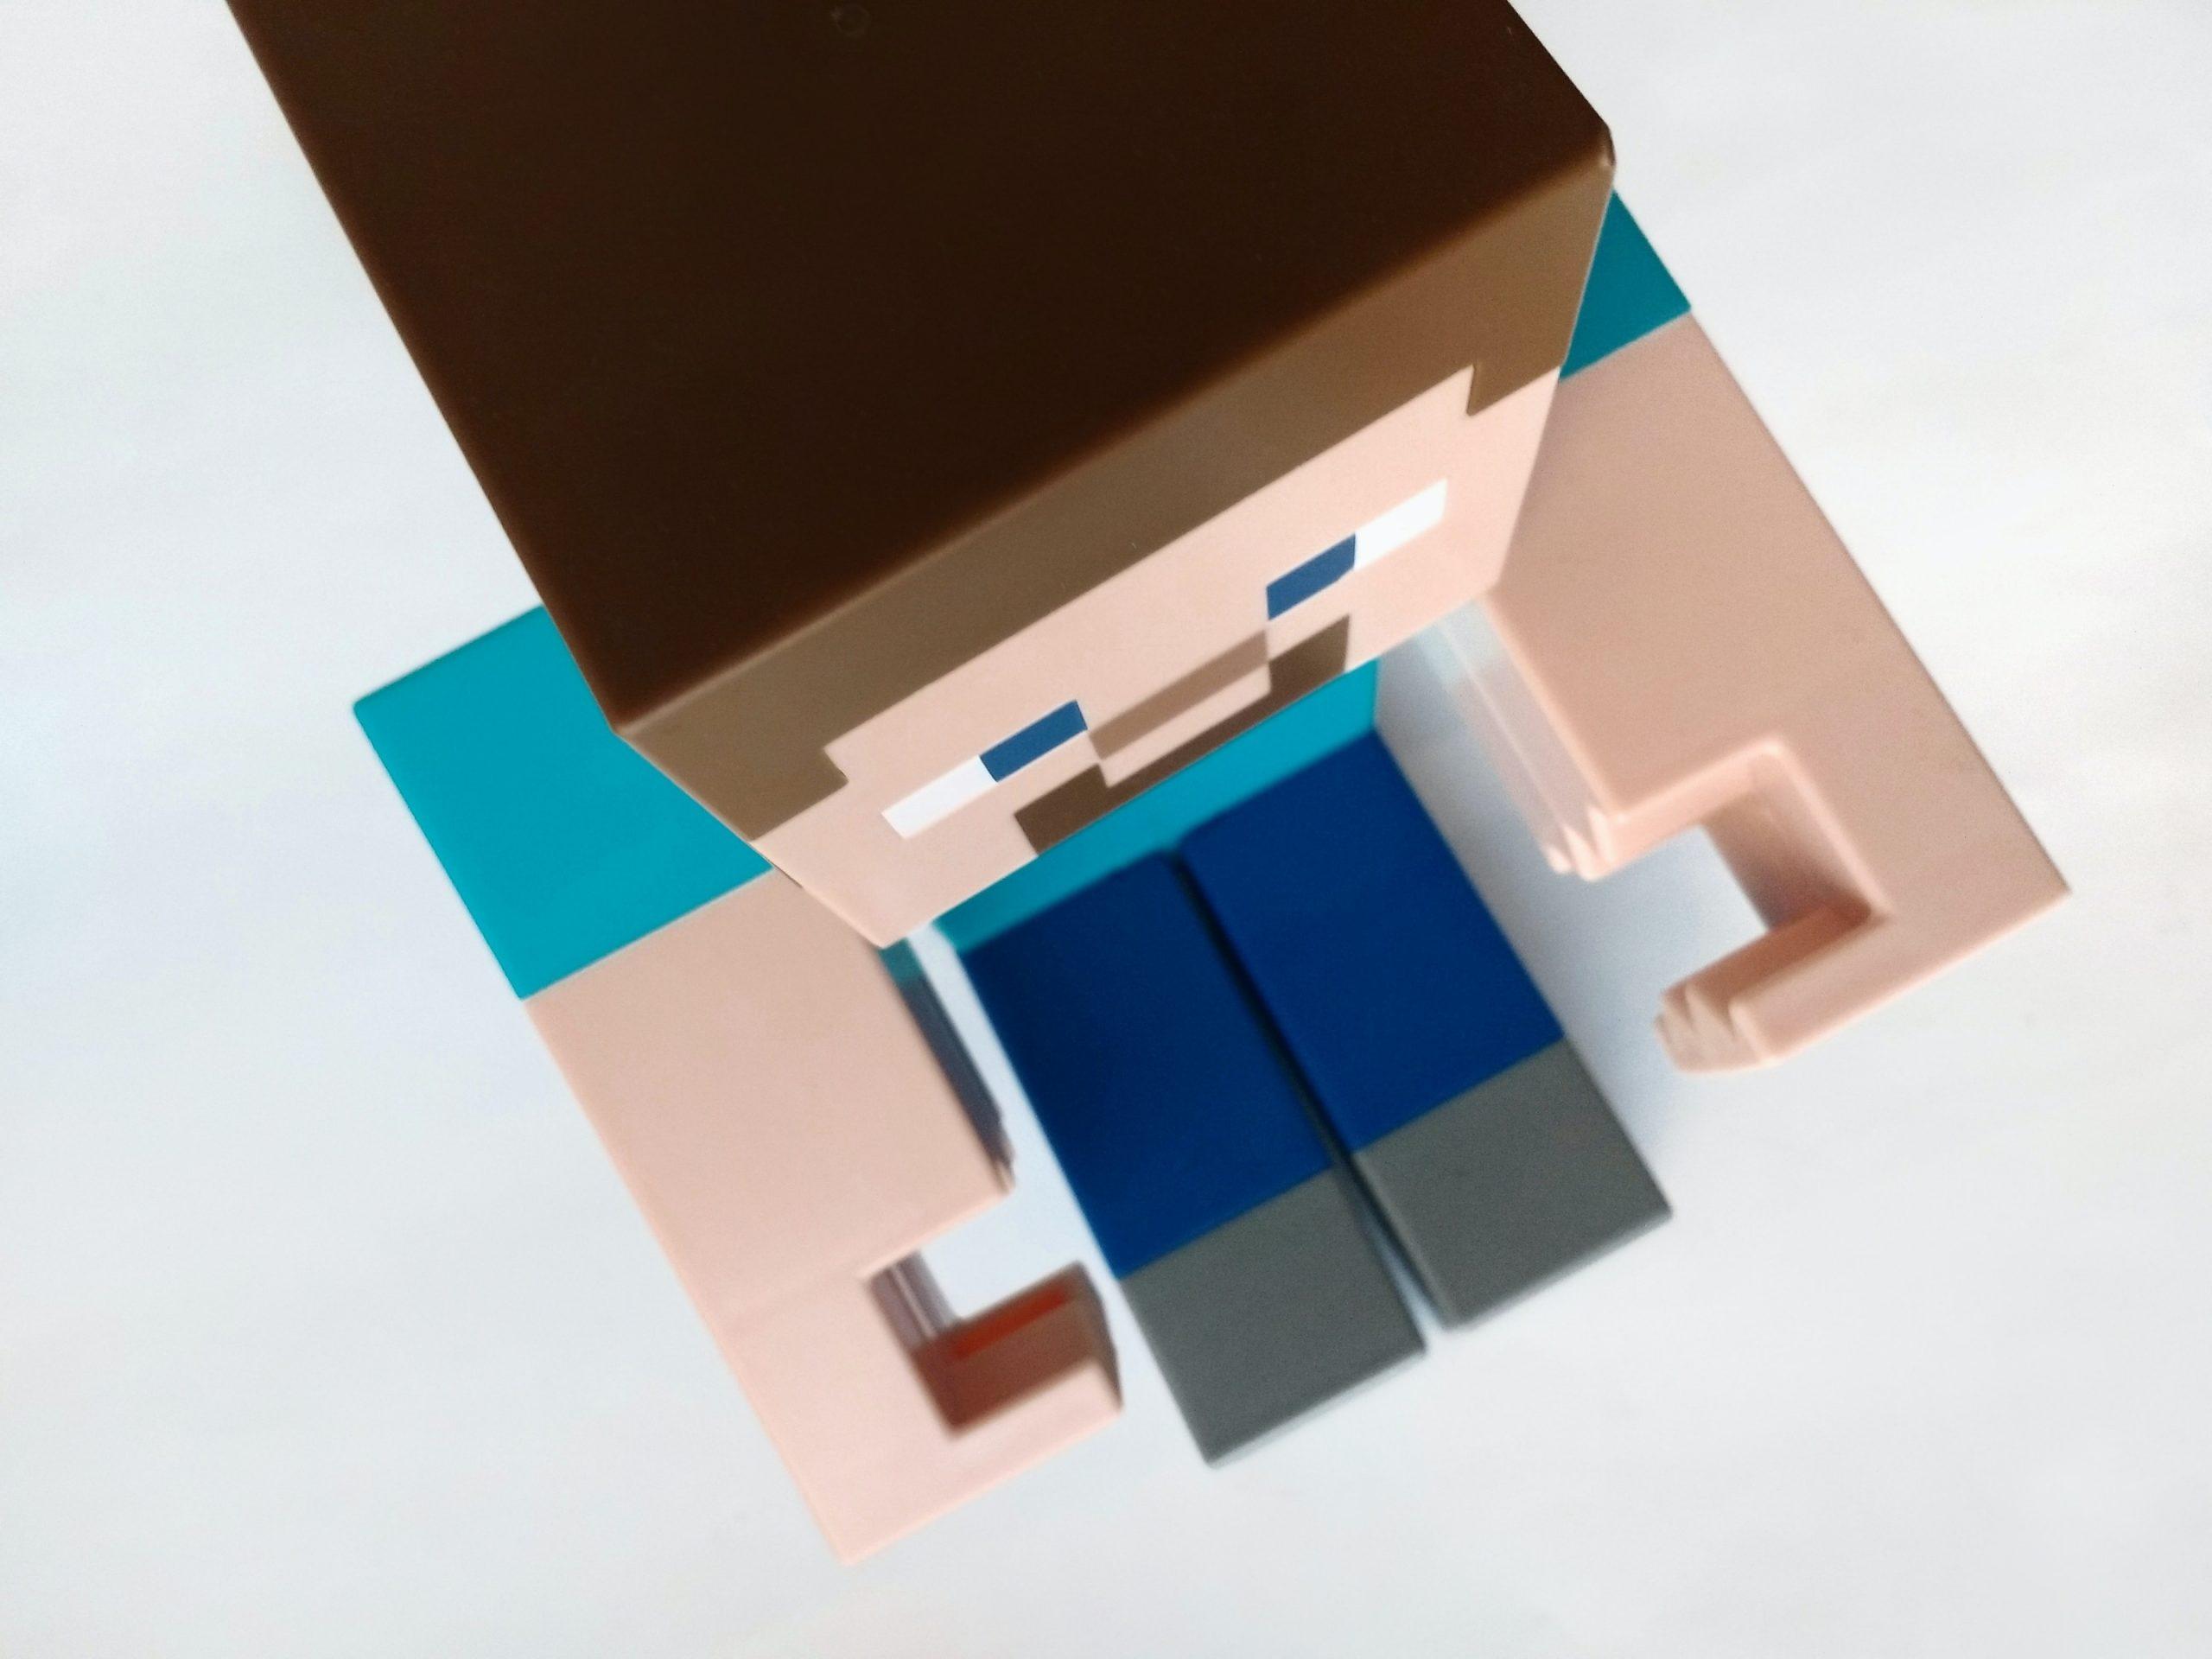 Kom igång med din Minecraft-server i molnet